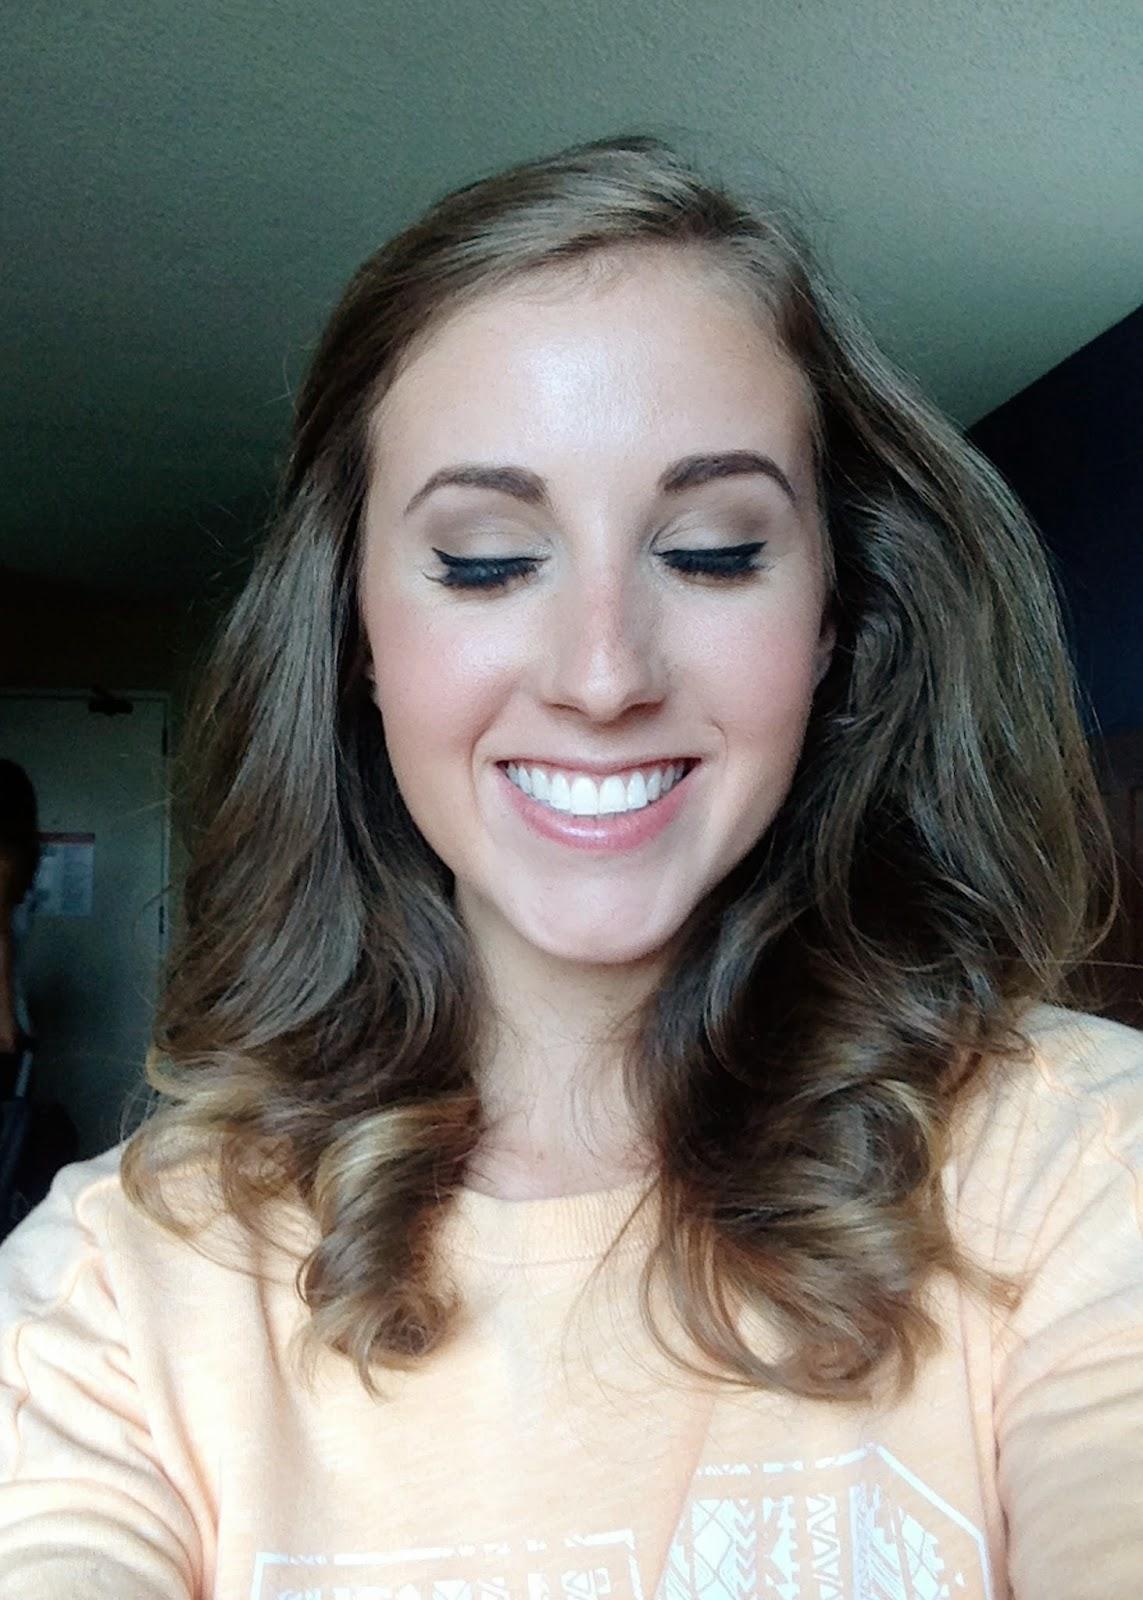 Benefit Cosmetics Eyelash Extension Review Sara Kate Styling